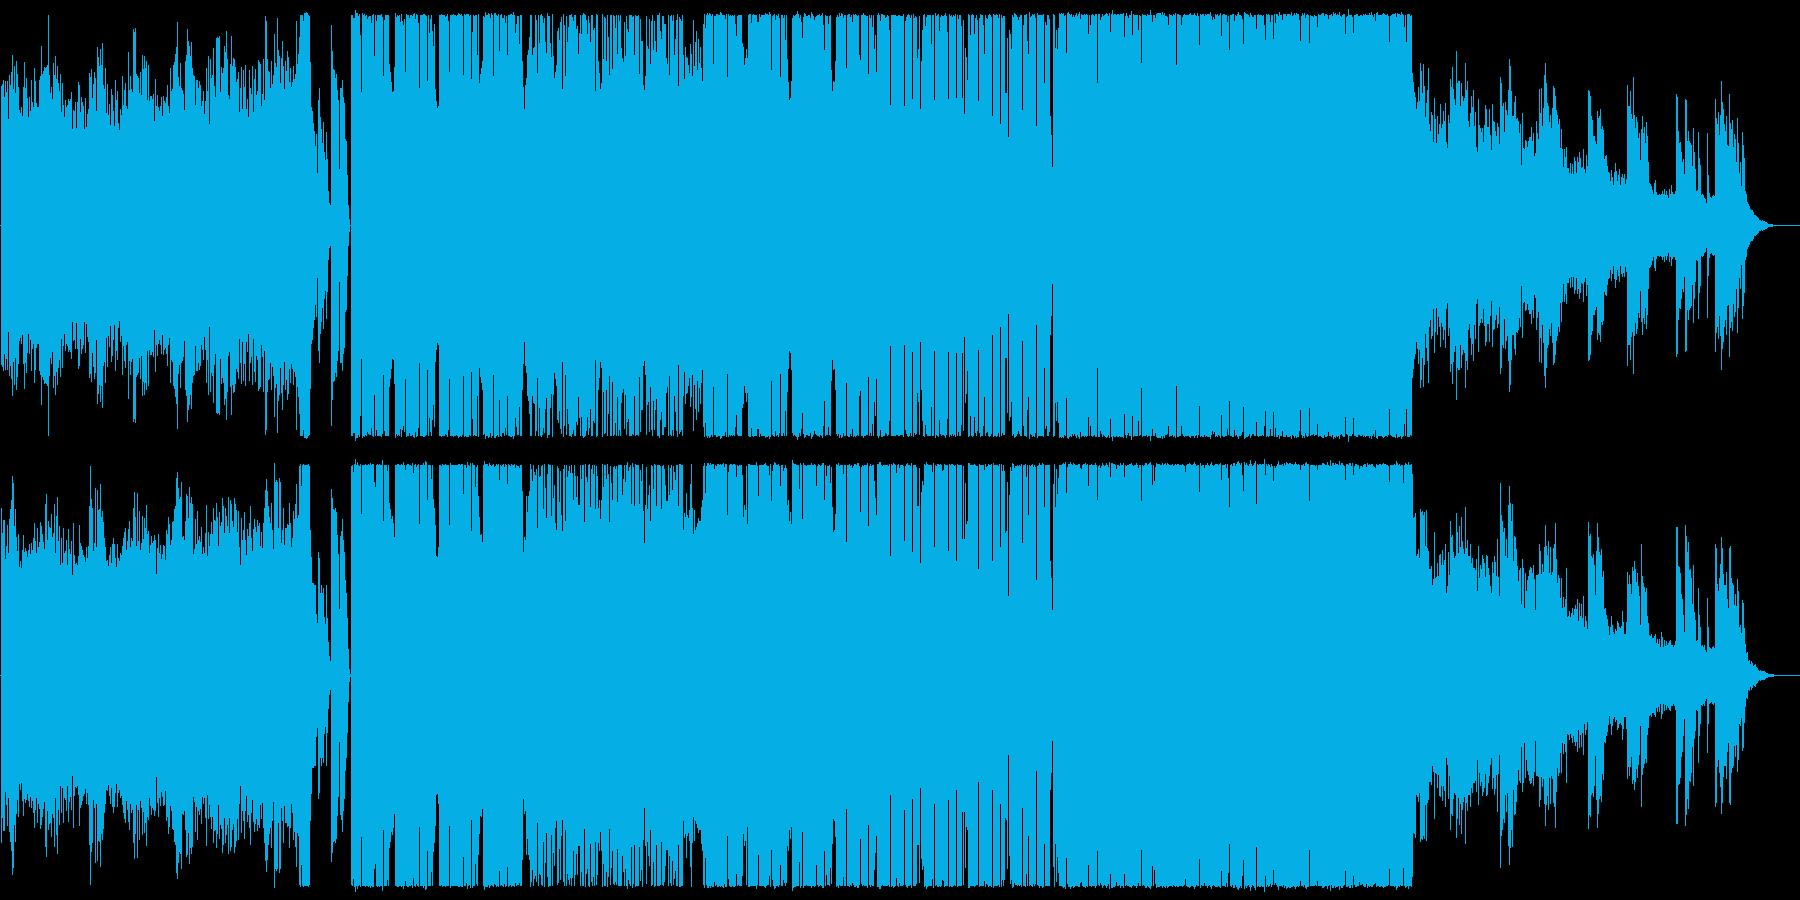 幻想的で疾走感のあるピアノエレクトロニカの再生済みの波形